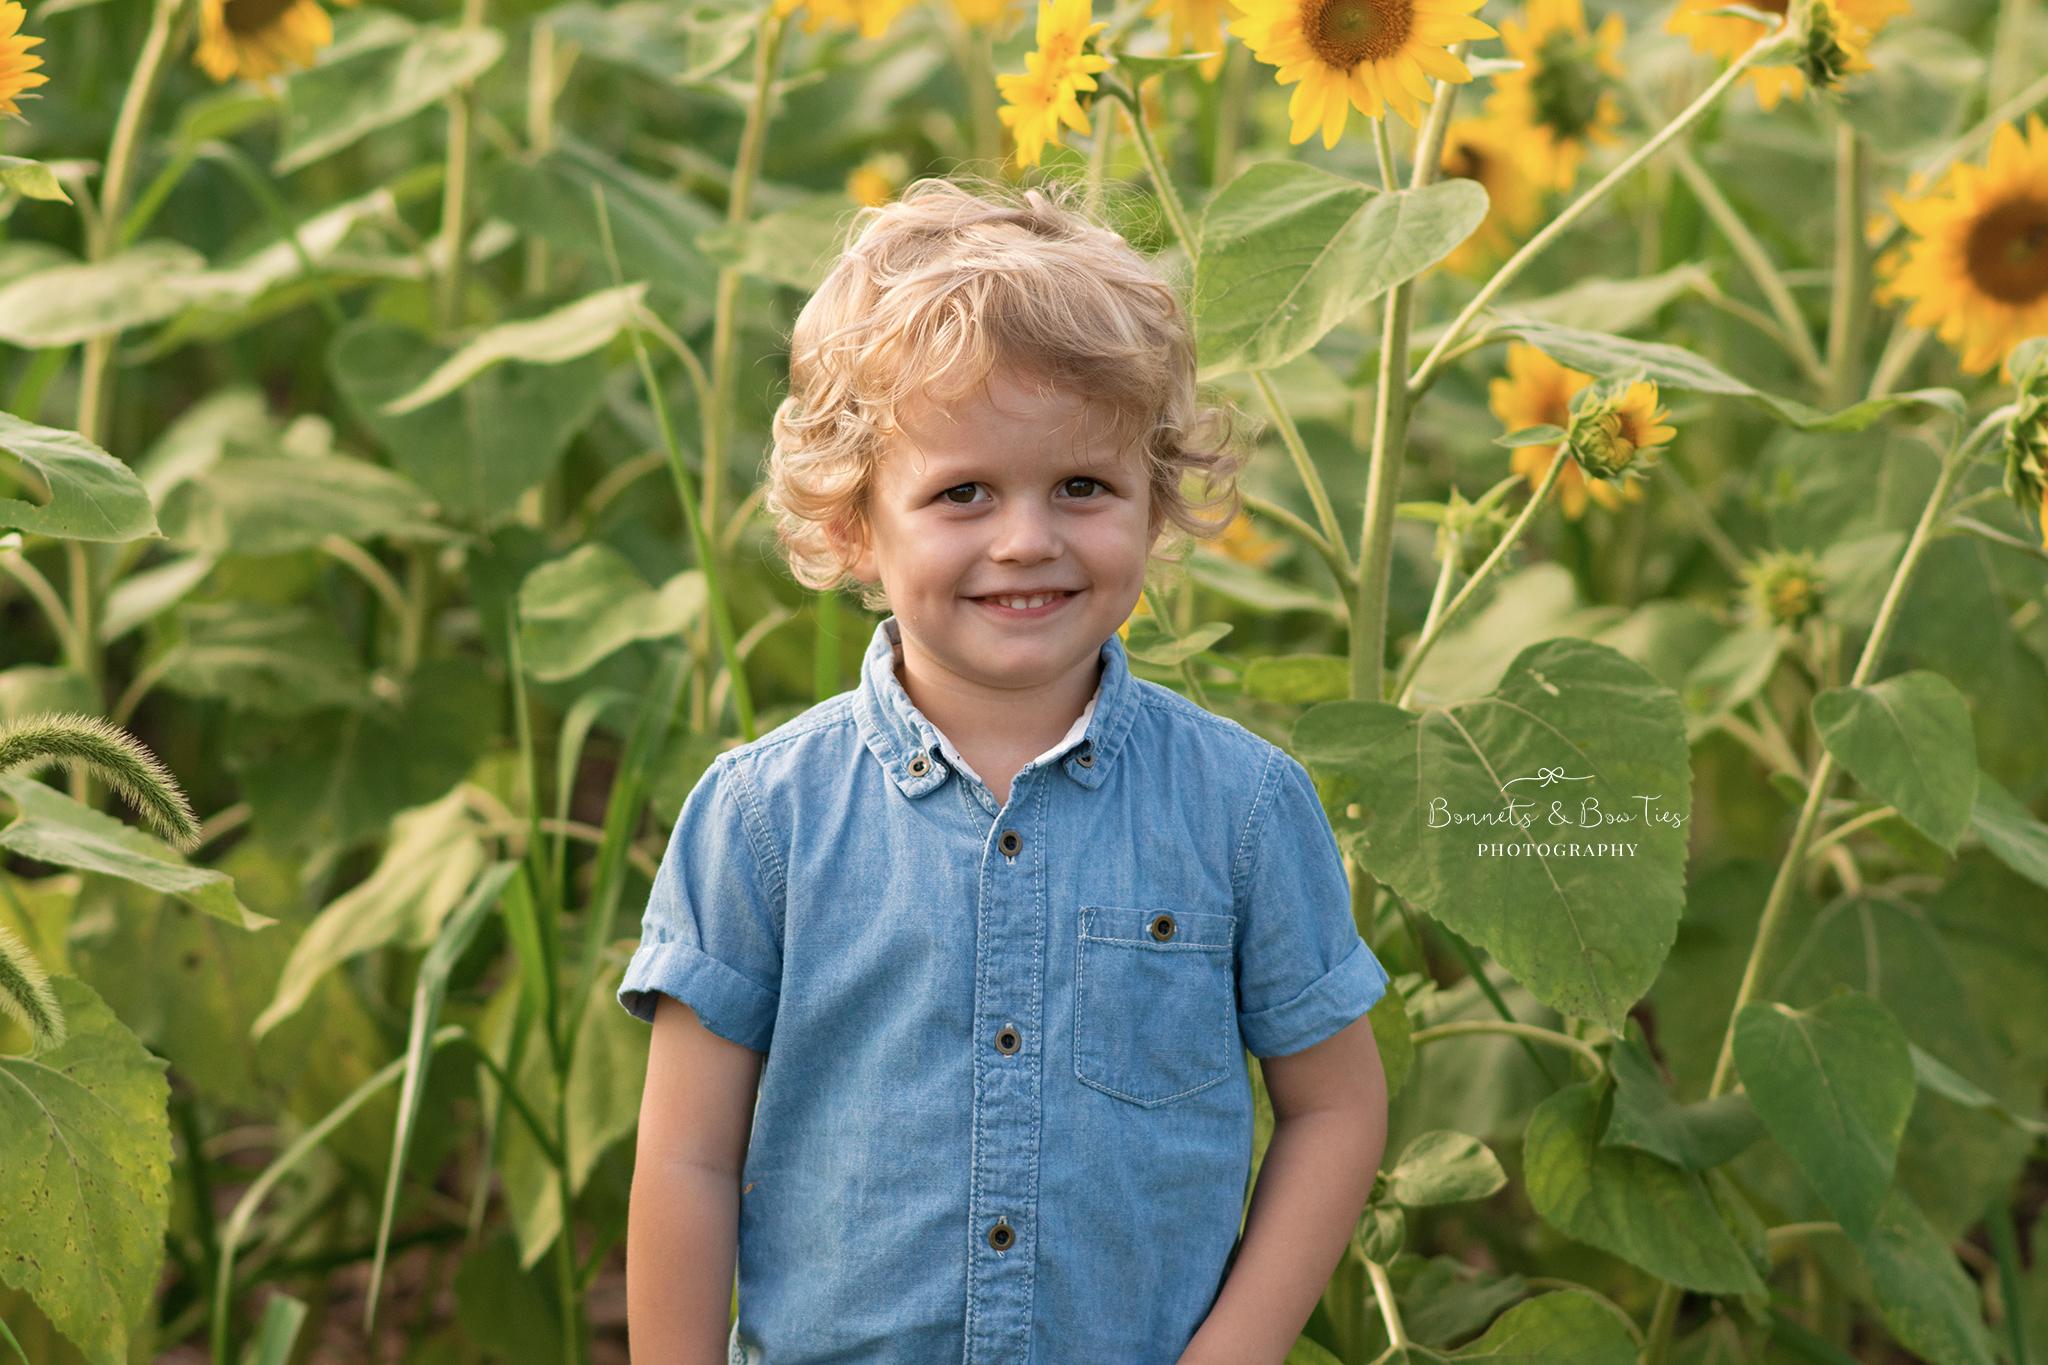 boy posing in sunflower field.jpg